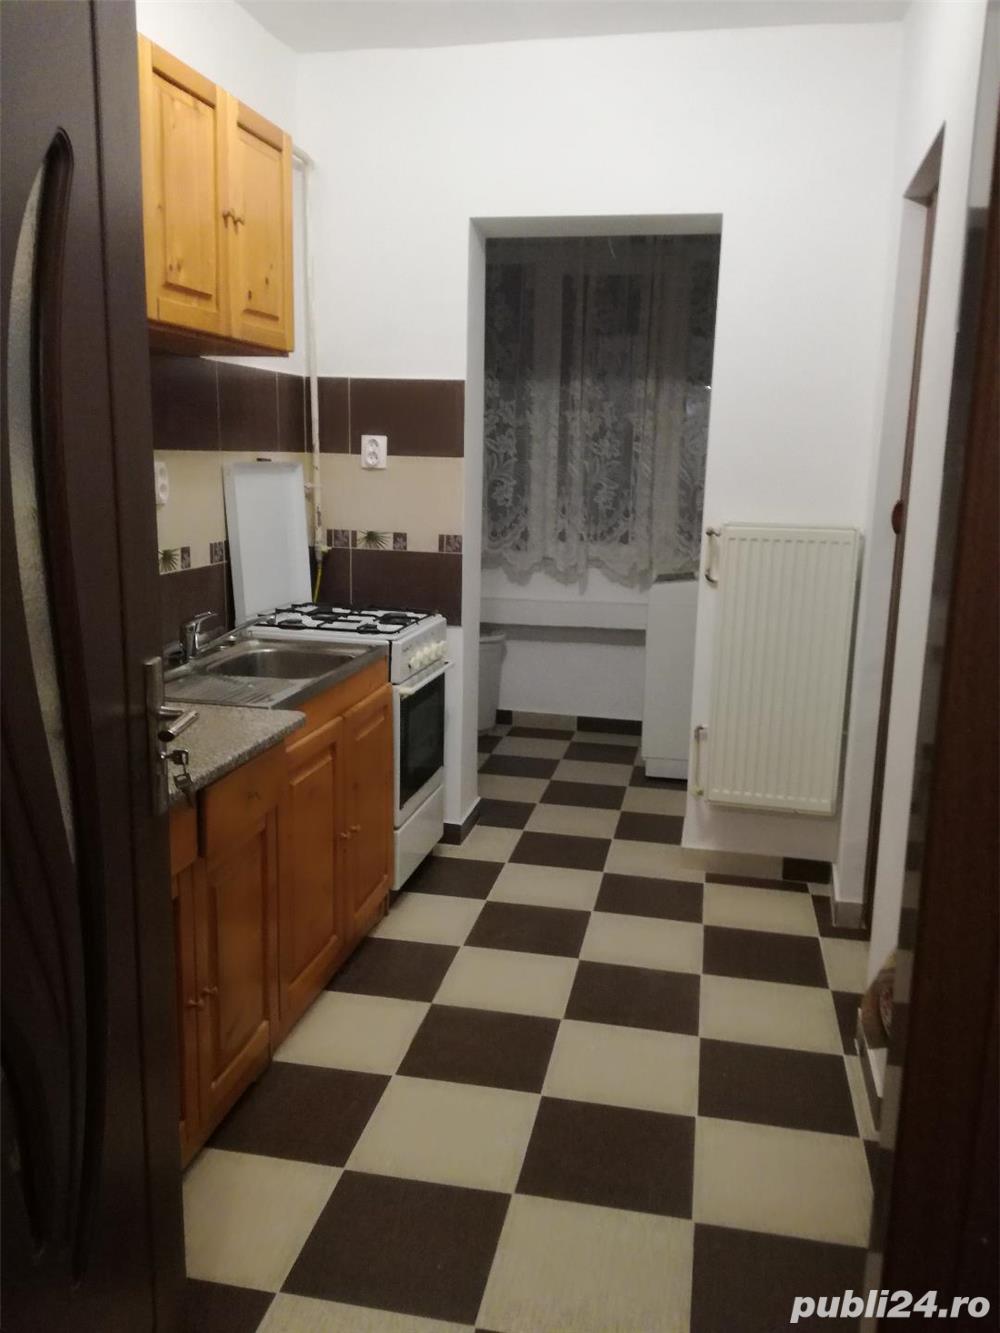 inchiriez apartament cu 2 camere zona Dacia